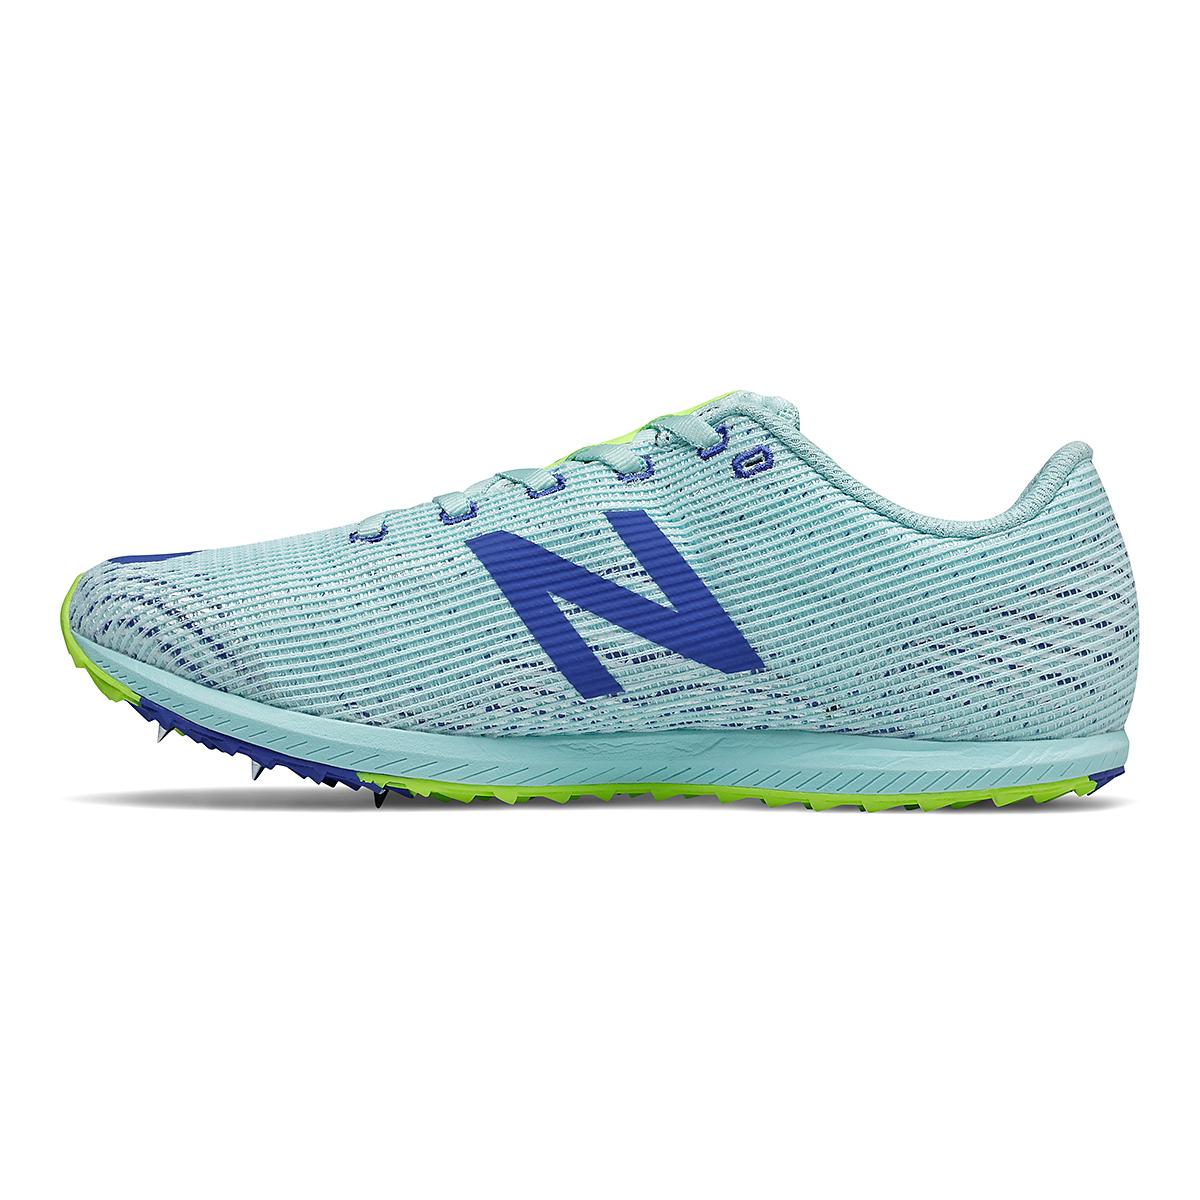 Women's New Balance XC Seven v3 Track Spikes - Color: Glacier/Cobalt - Size: 5.5 - Width: Regular, Glacier/Cobalt, large, image 2